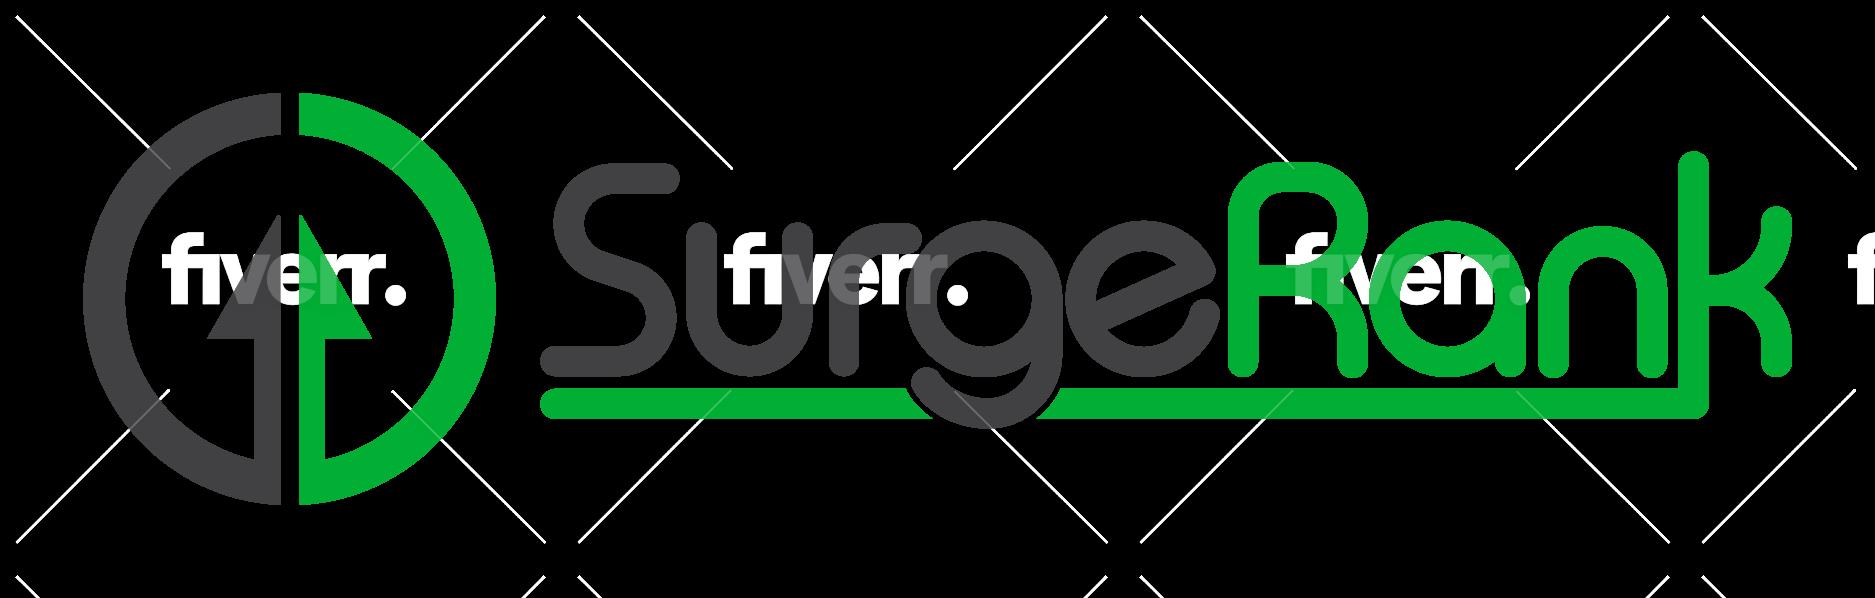 SurgeRank Green